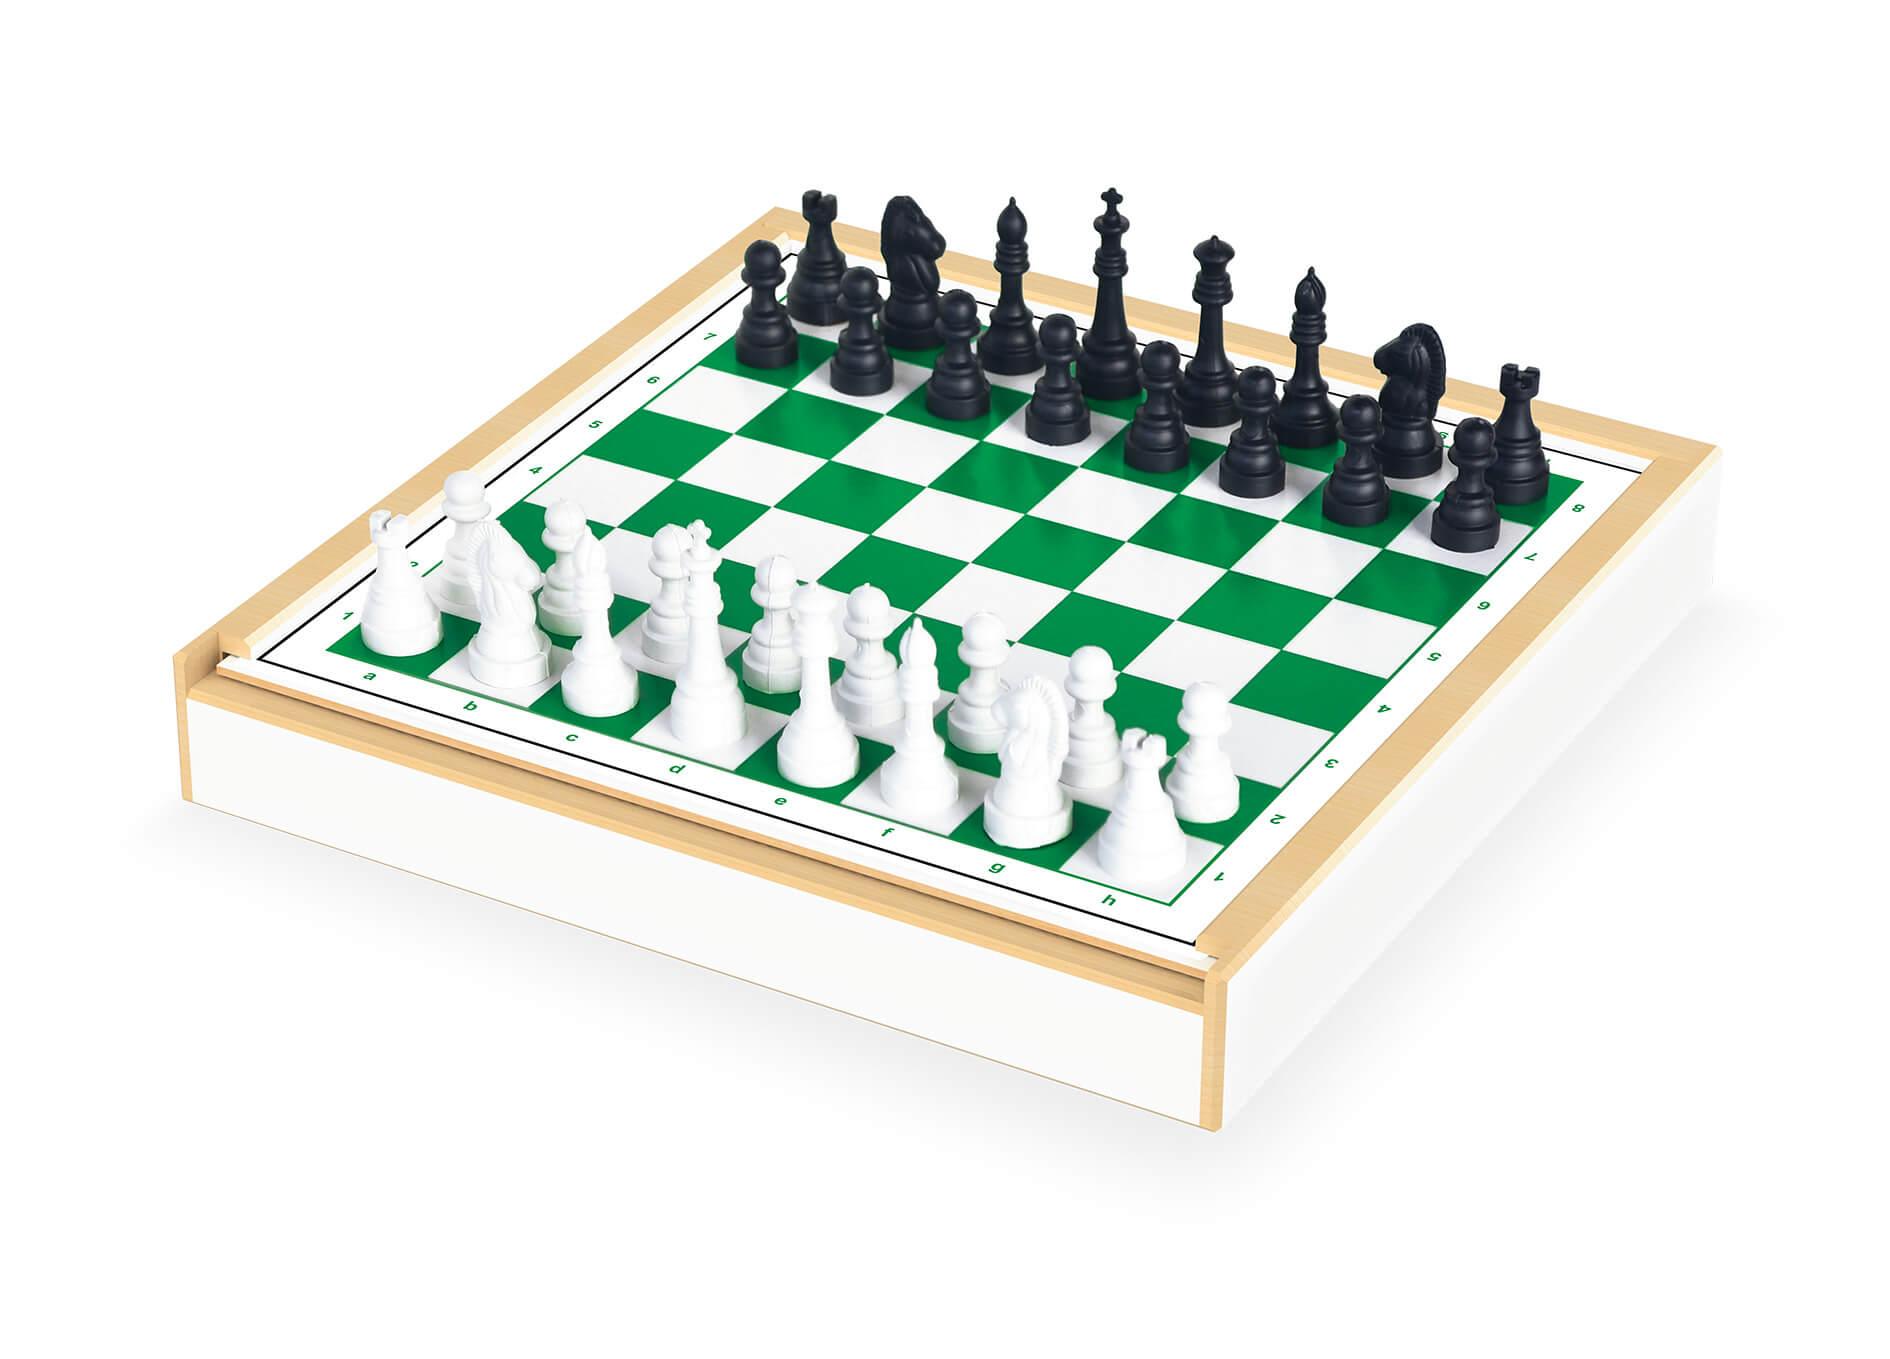 Jogo 6 Em 1 Xadrez Damas Trilha Ludo Varetas E Domino Junges